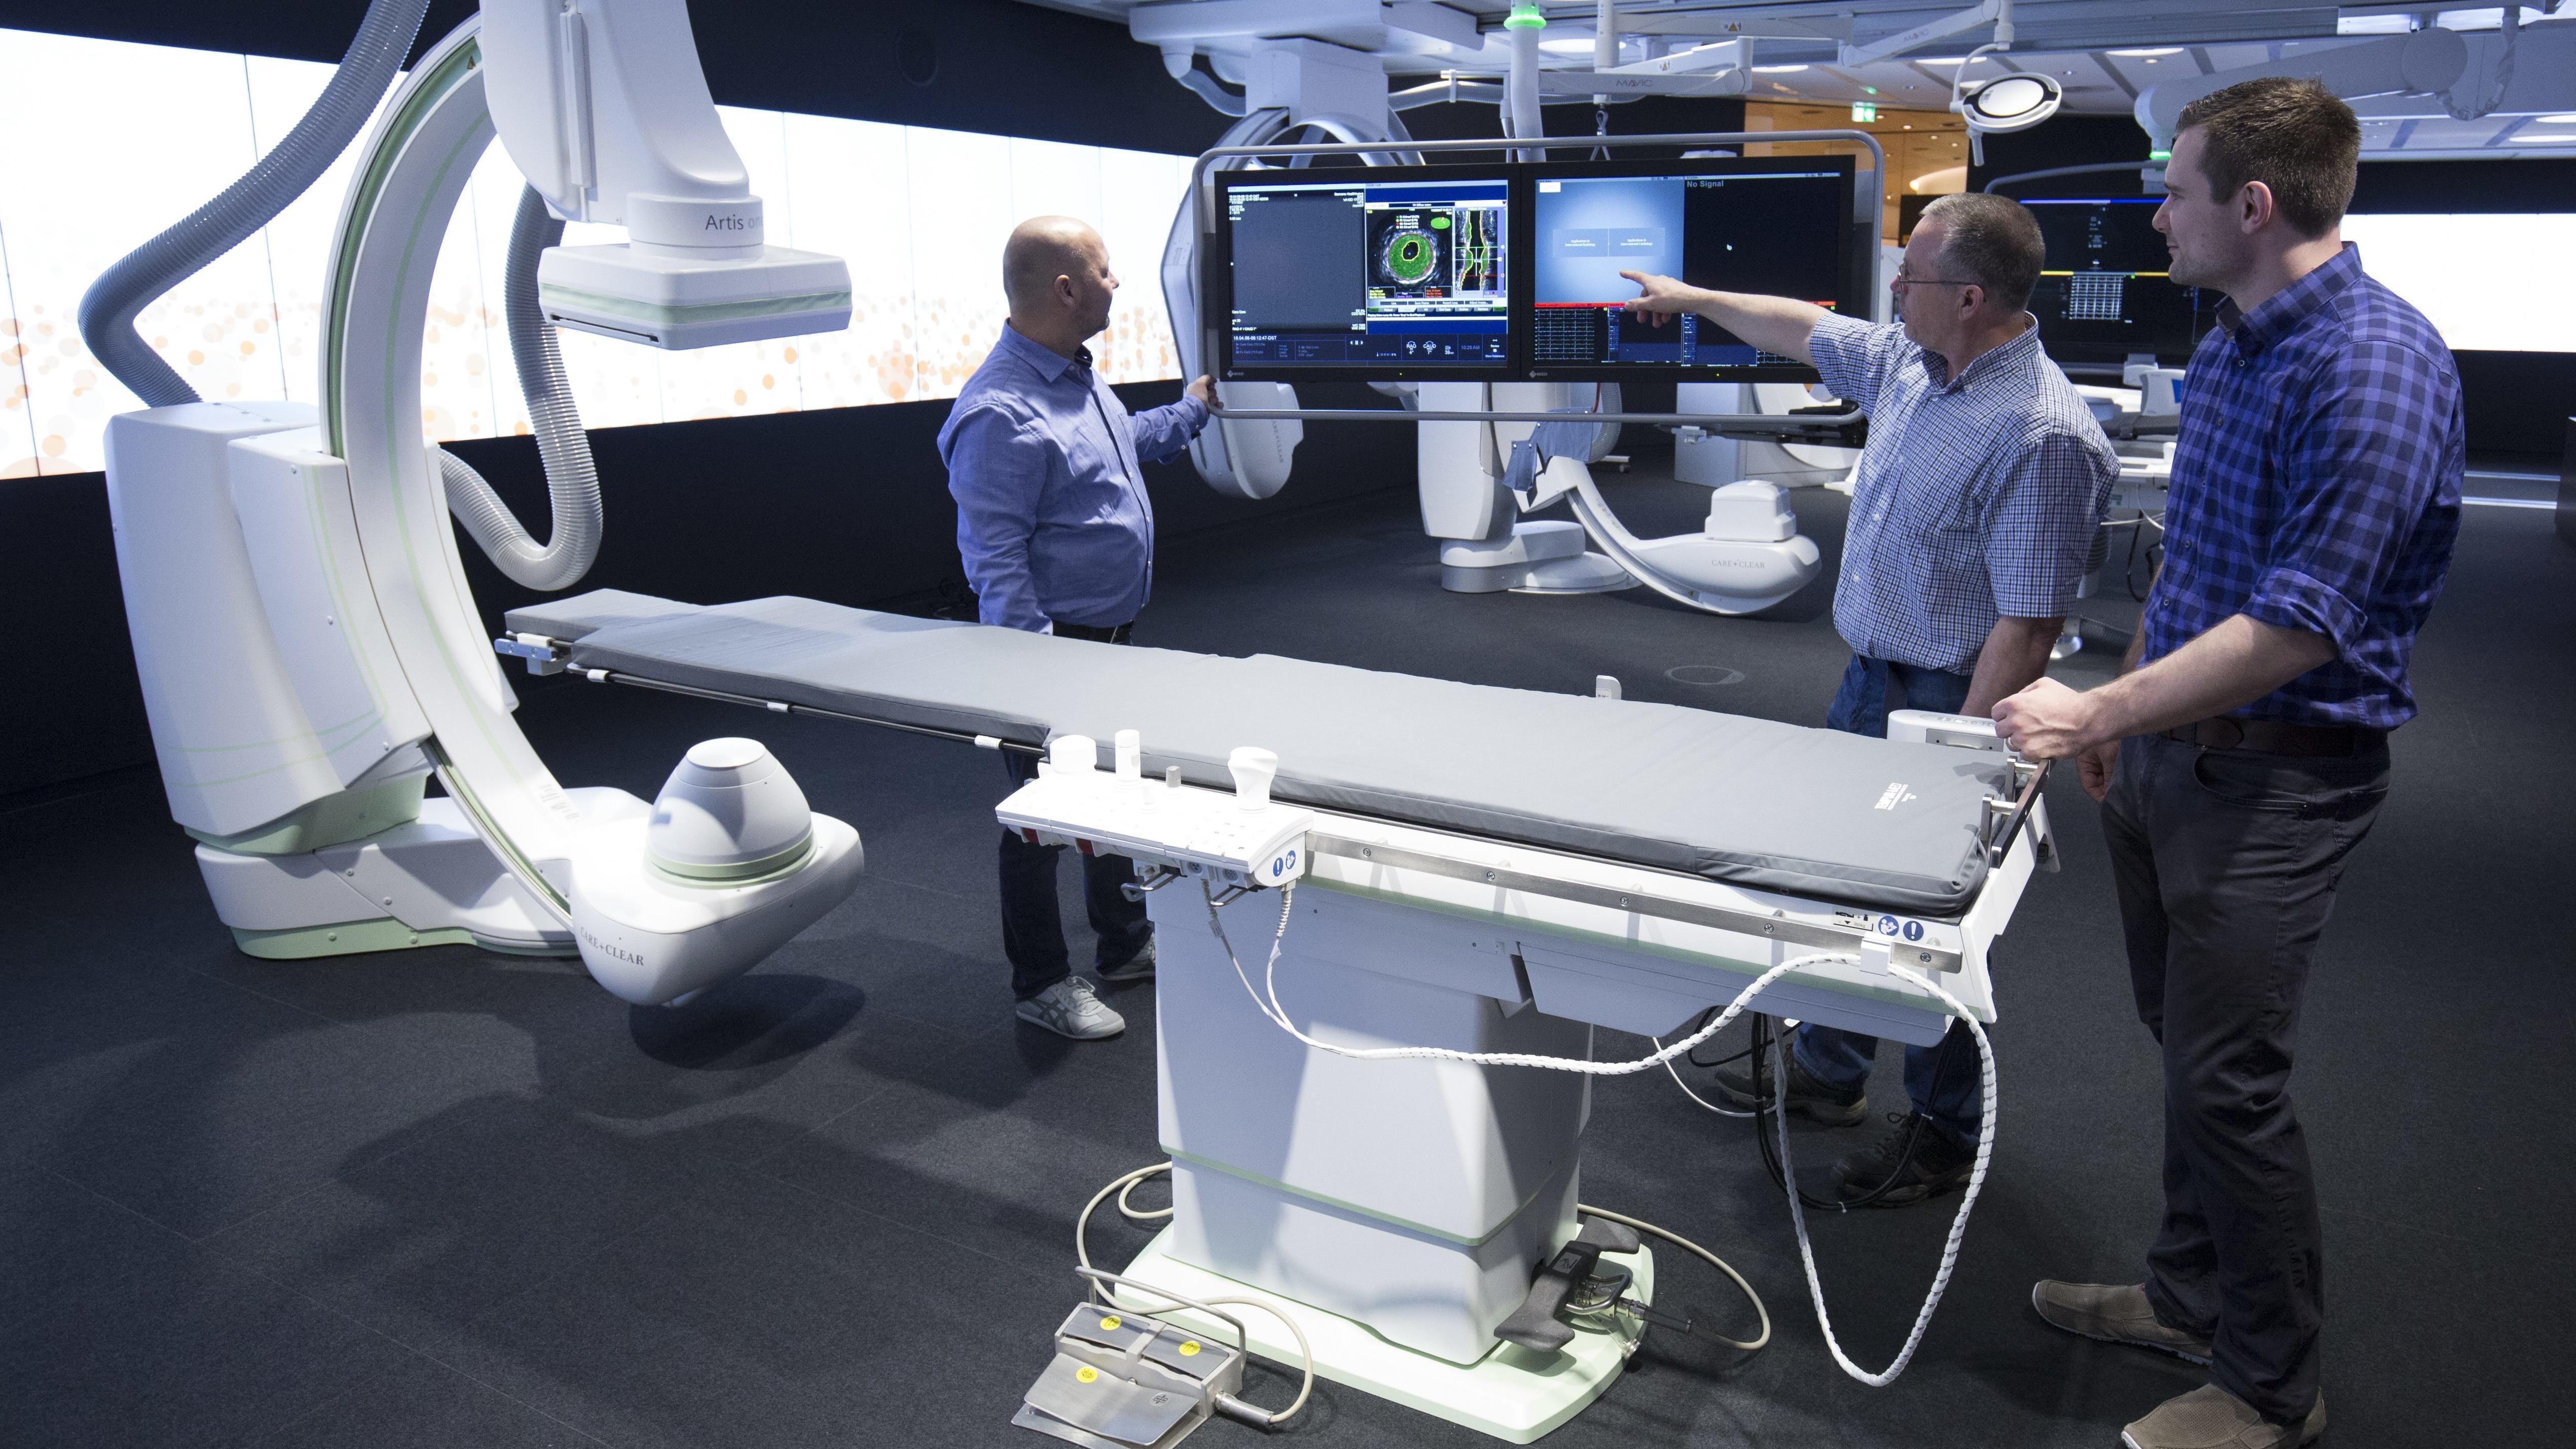 Siemens-Healthineers in Forchheim